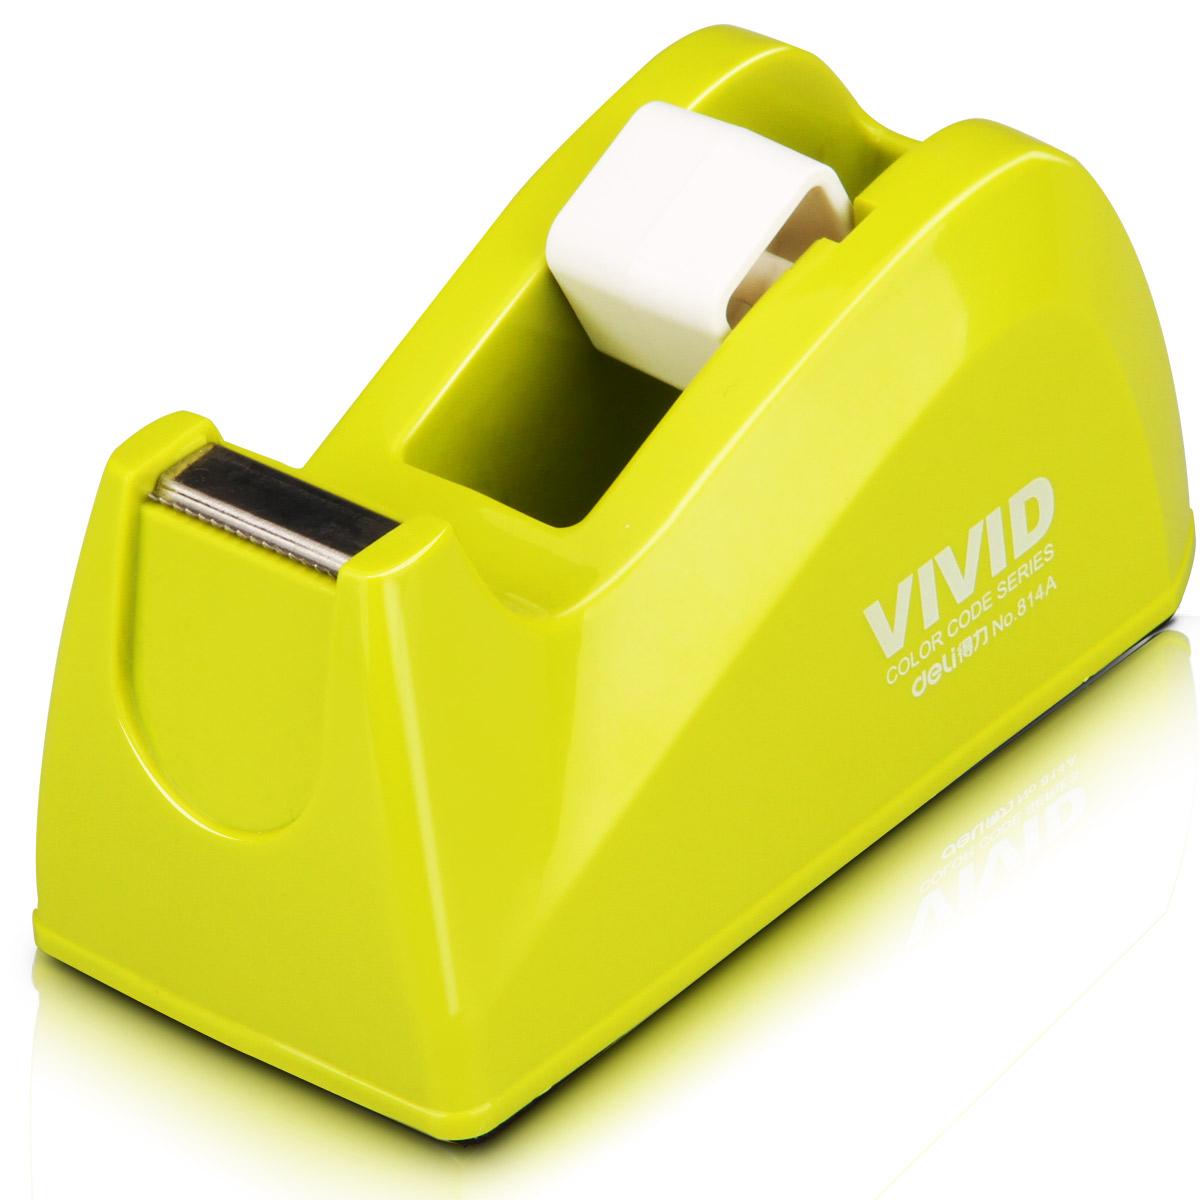 得力814A彩色胶带座时尚胶带切割器小号胶带座创意胶带小颜色随机